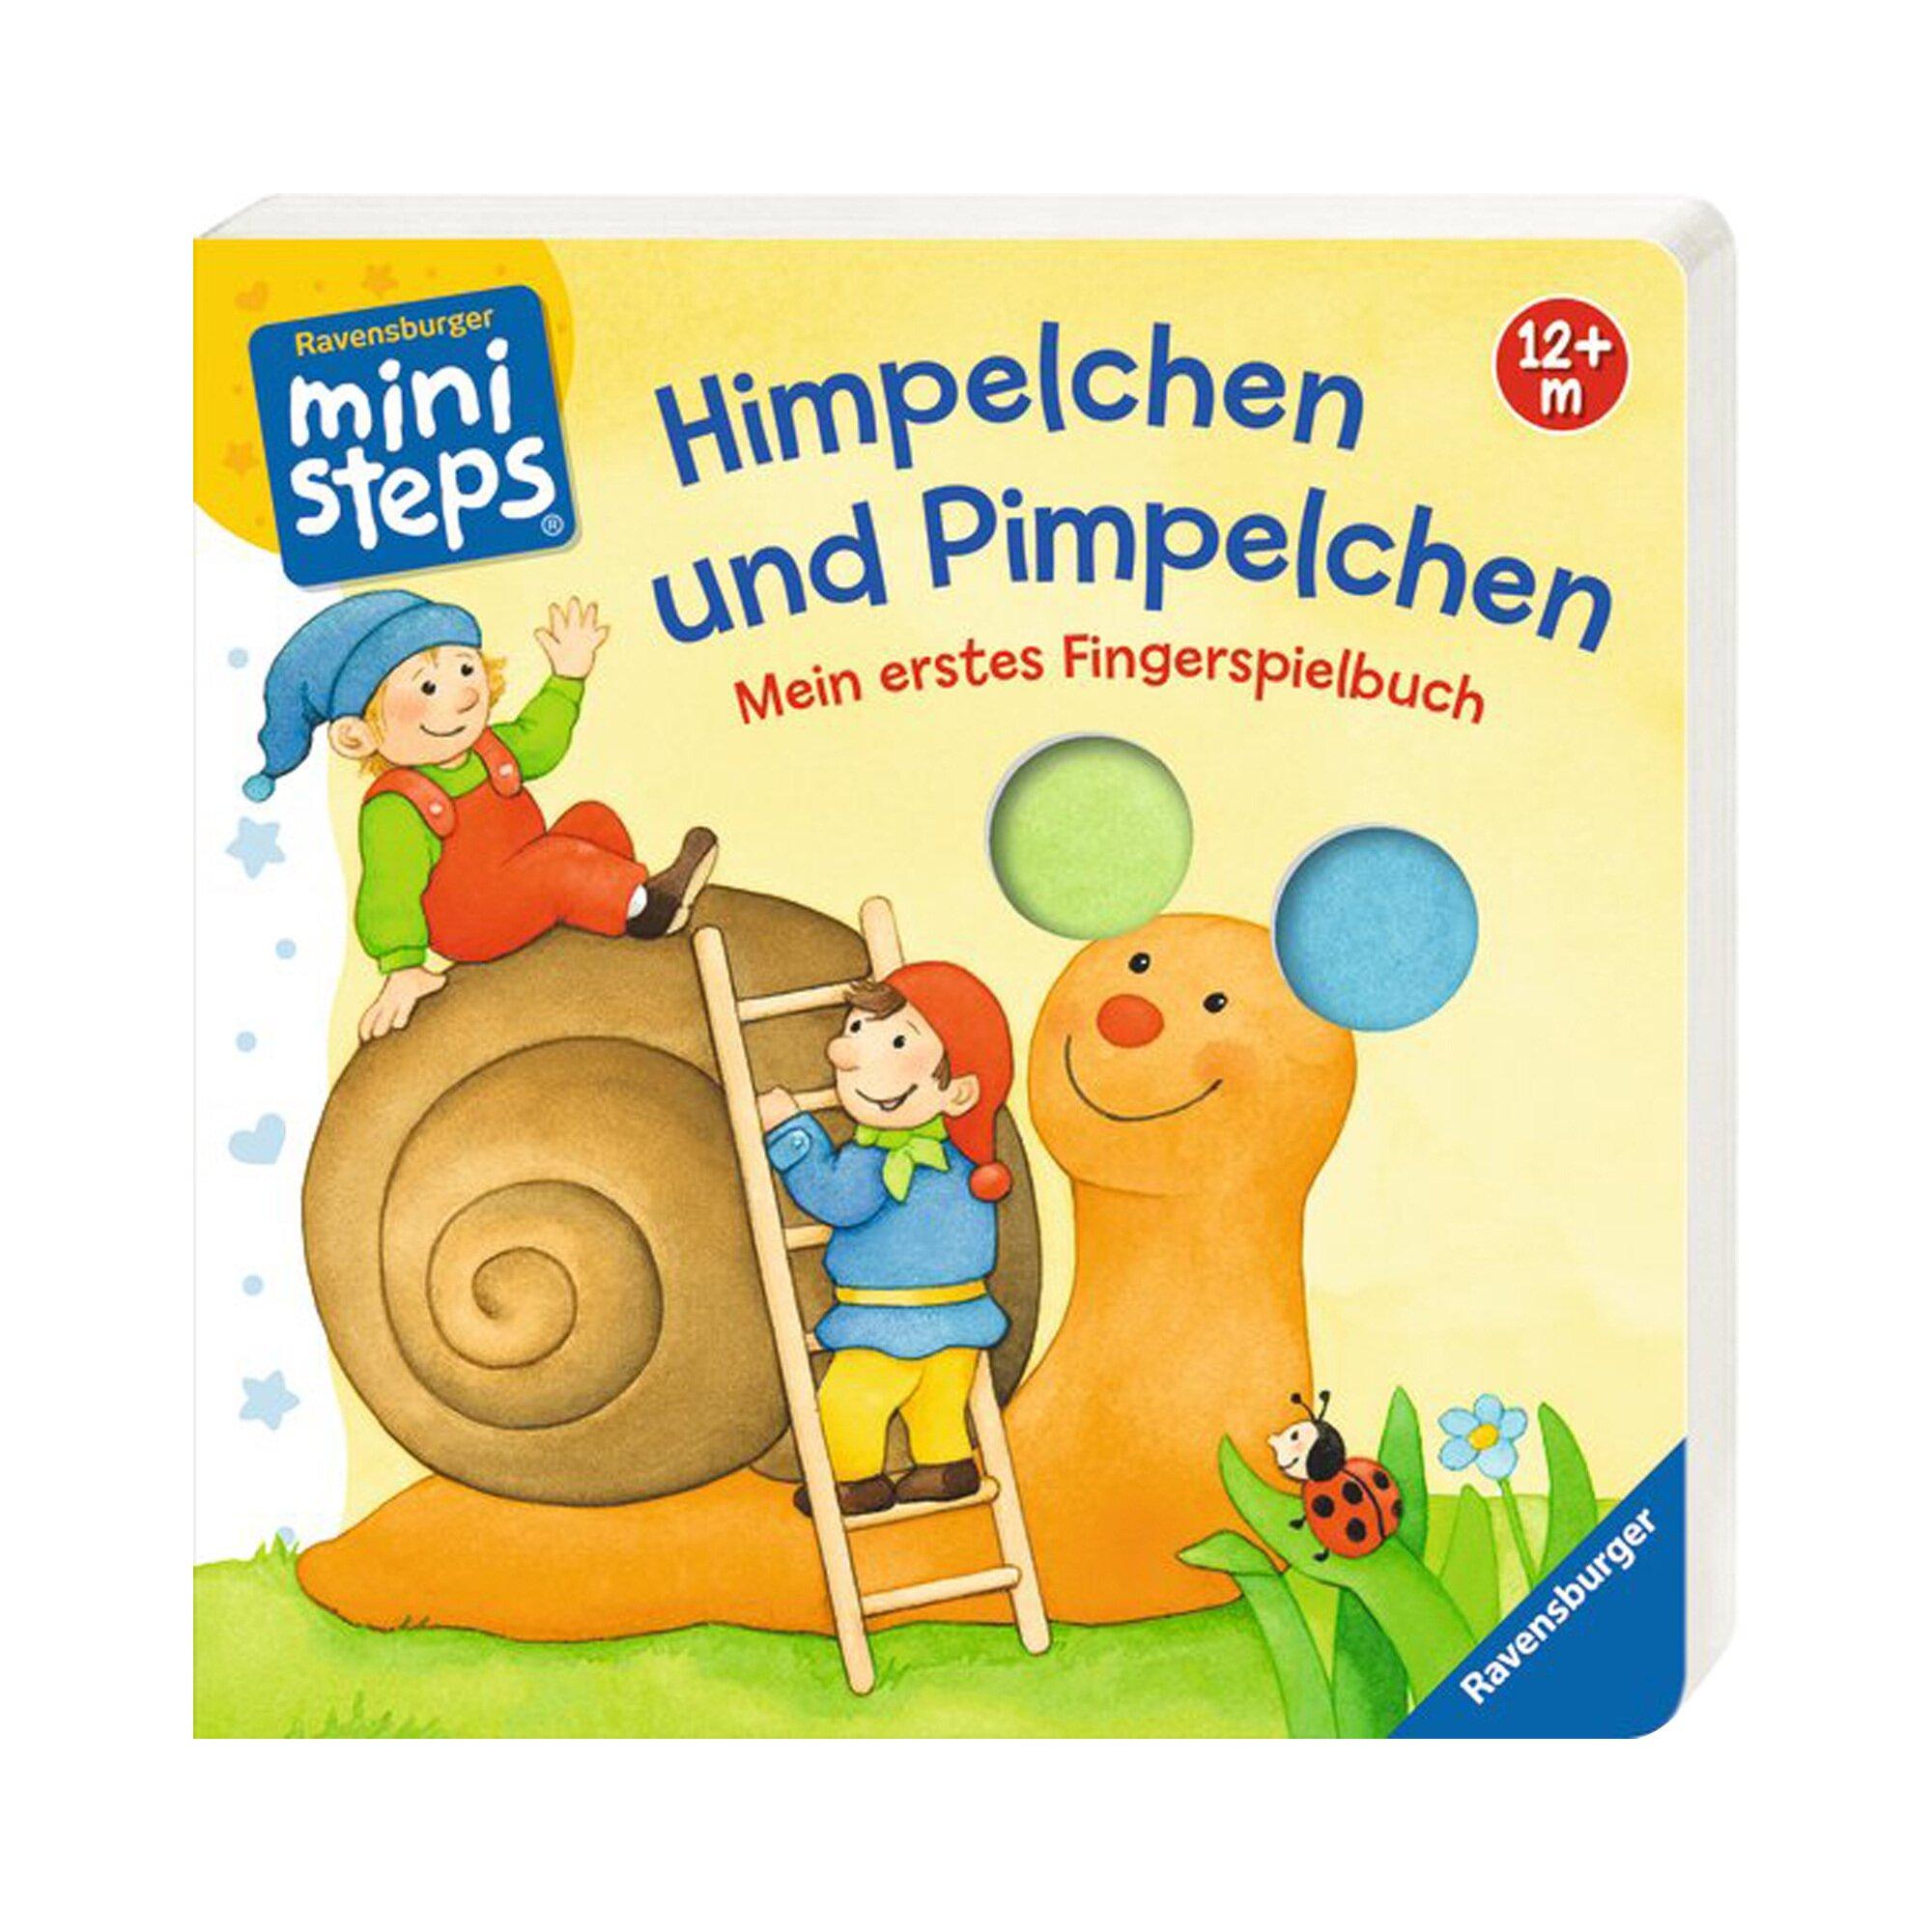 Ministeps Pappbilderbuch Himpelchen und Pimpelchen